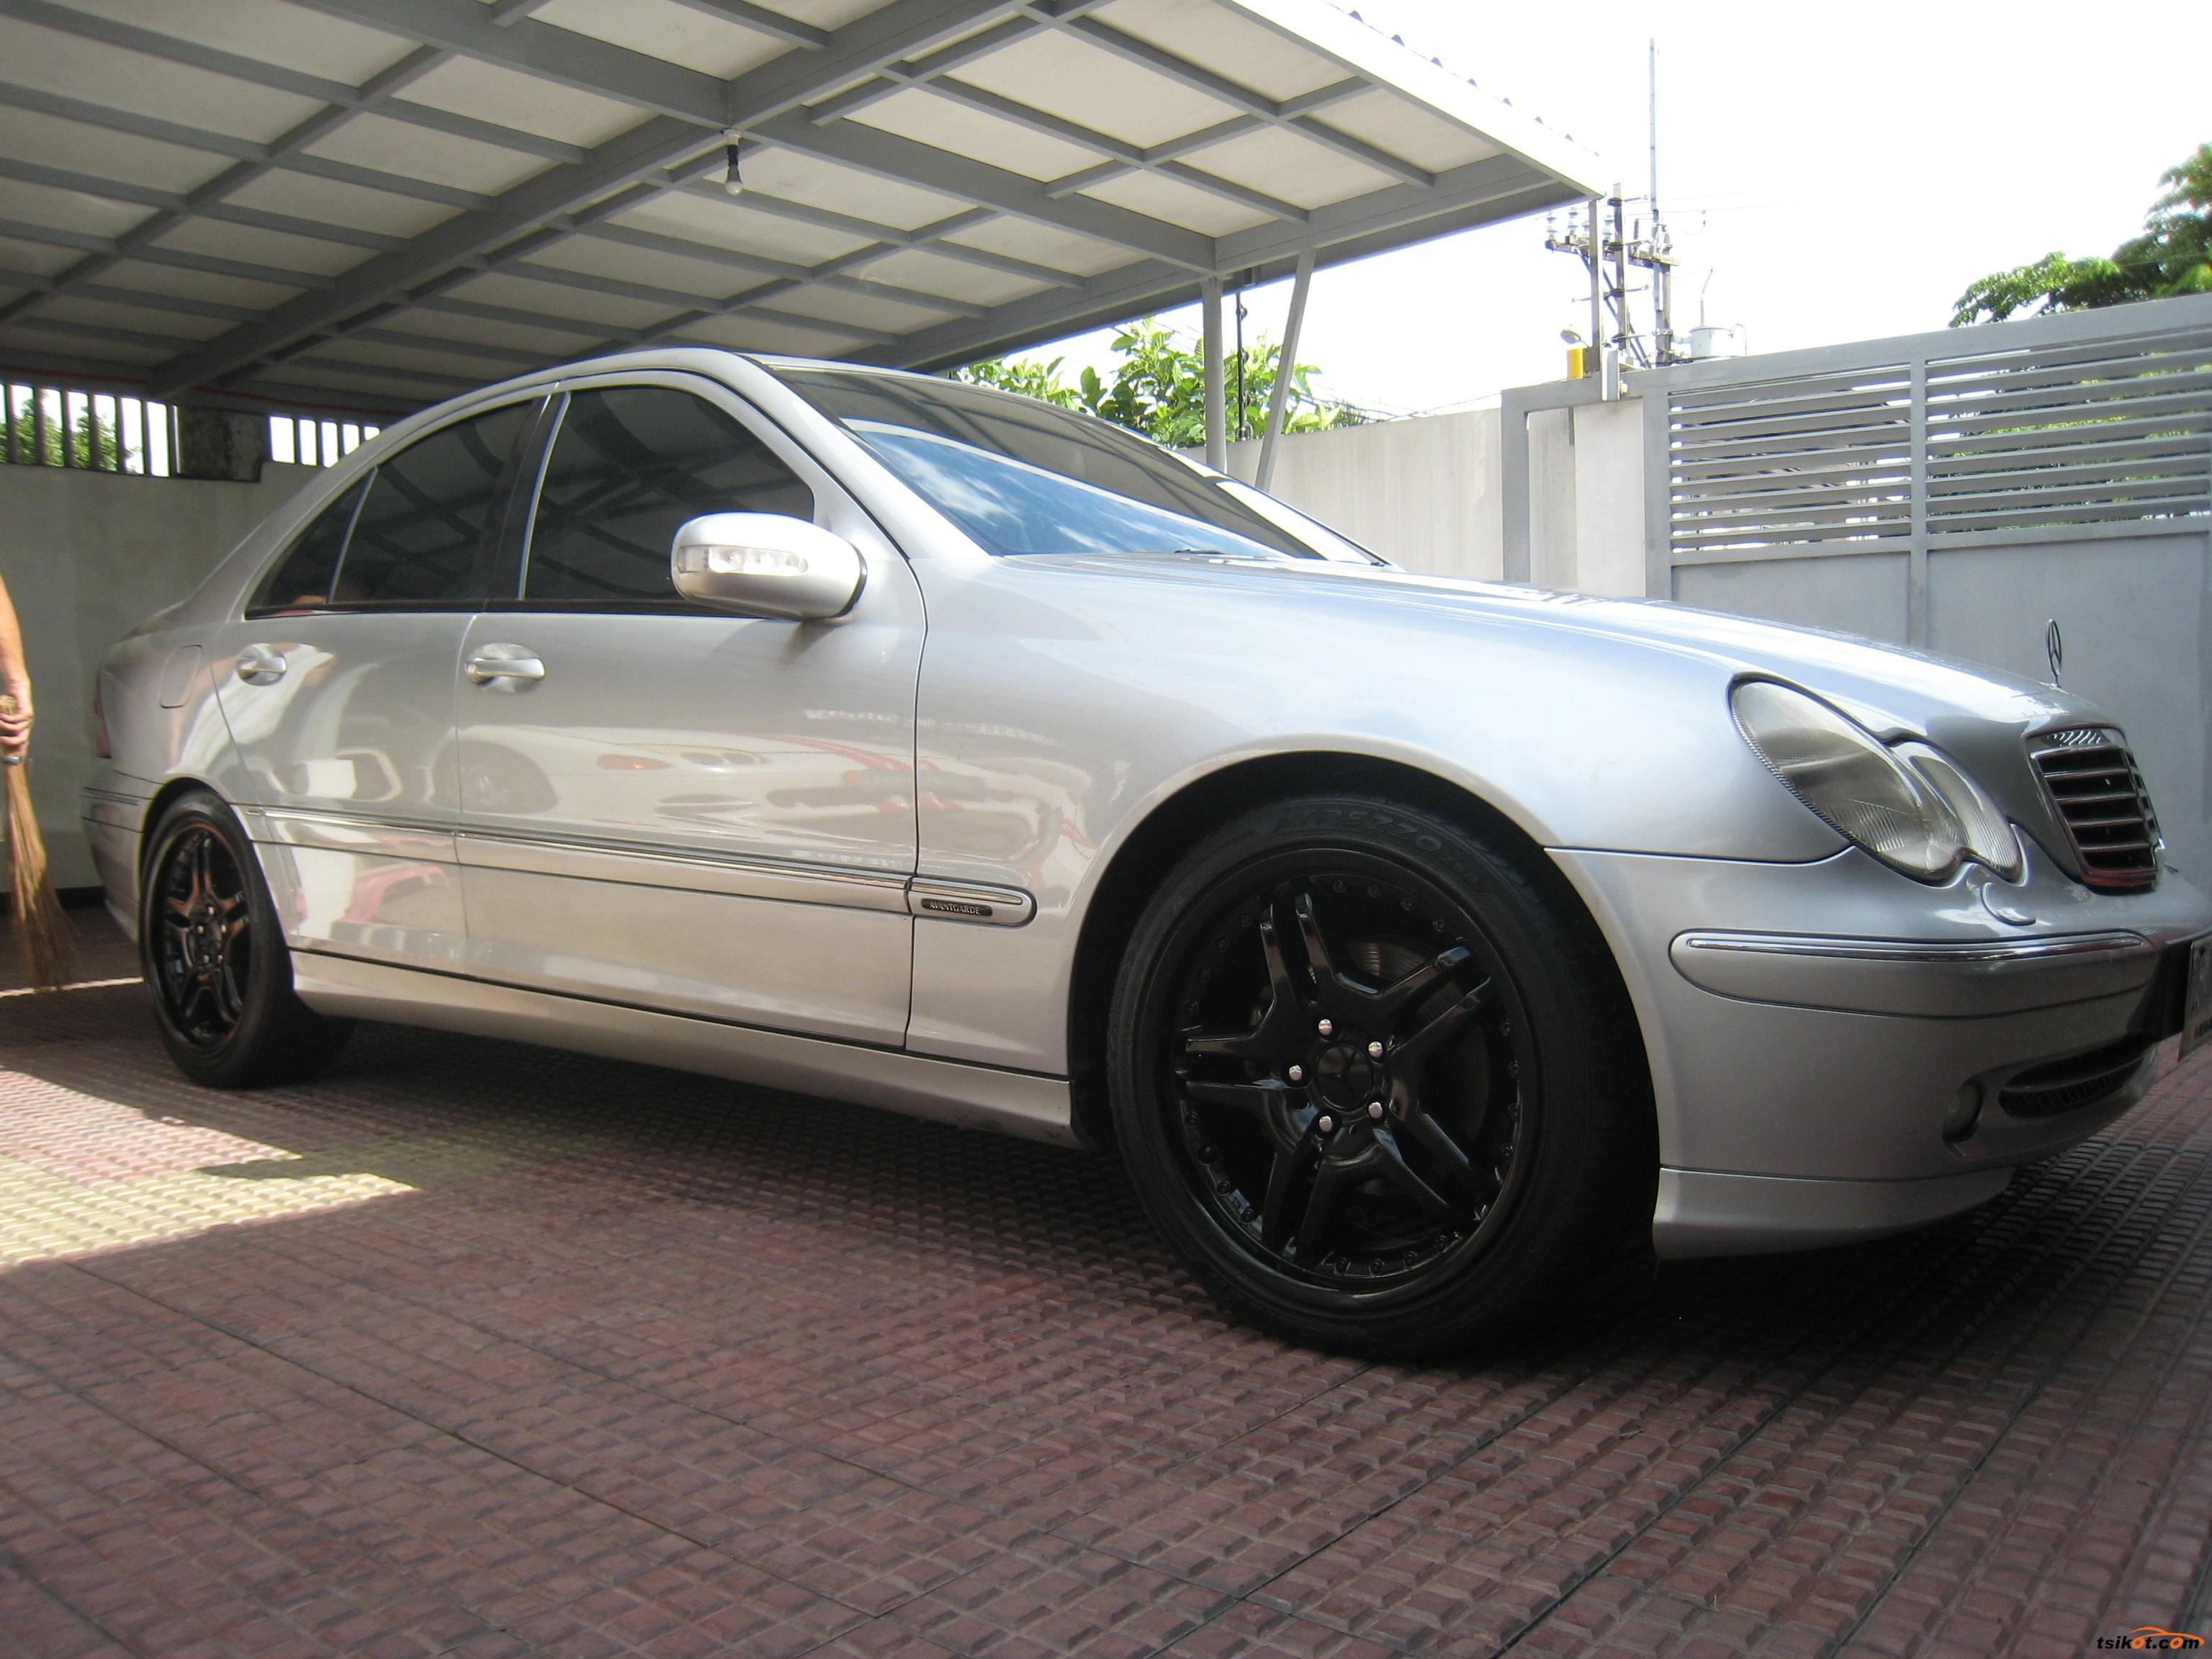 Mercedes-Benz C 2001 - 1